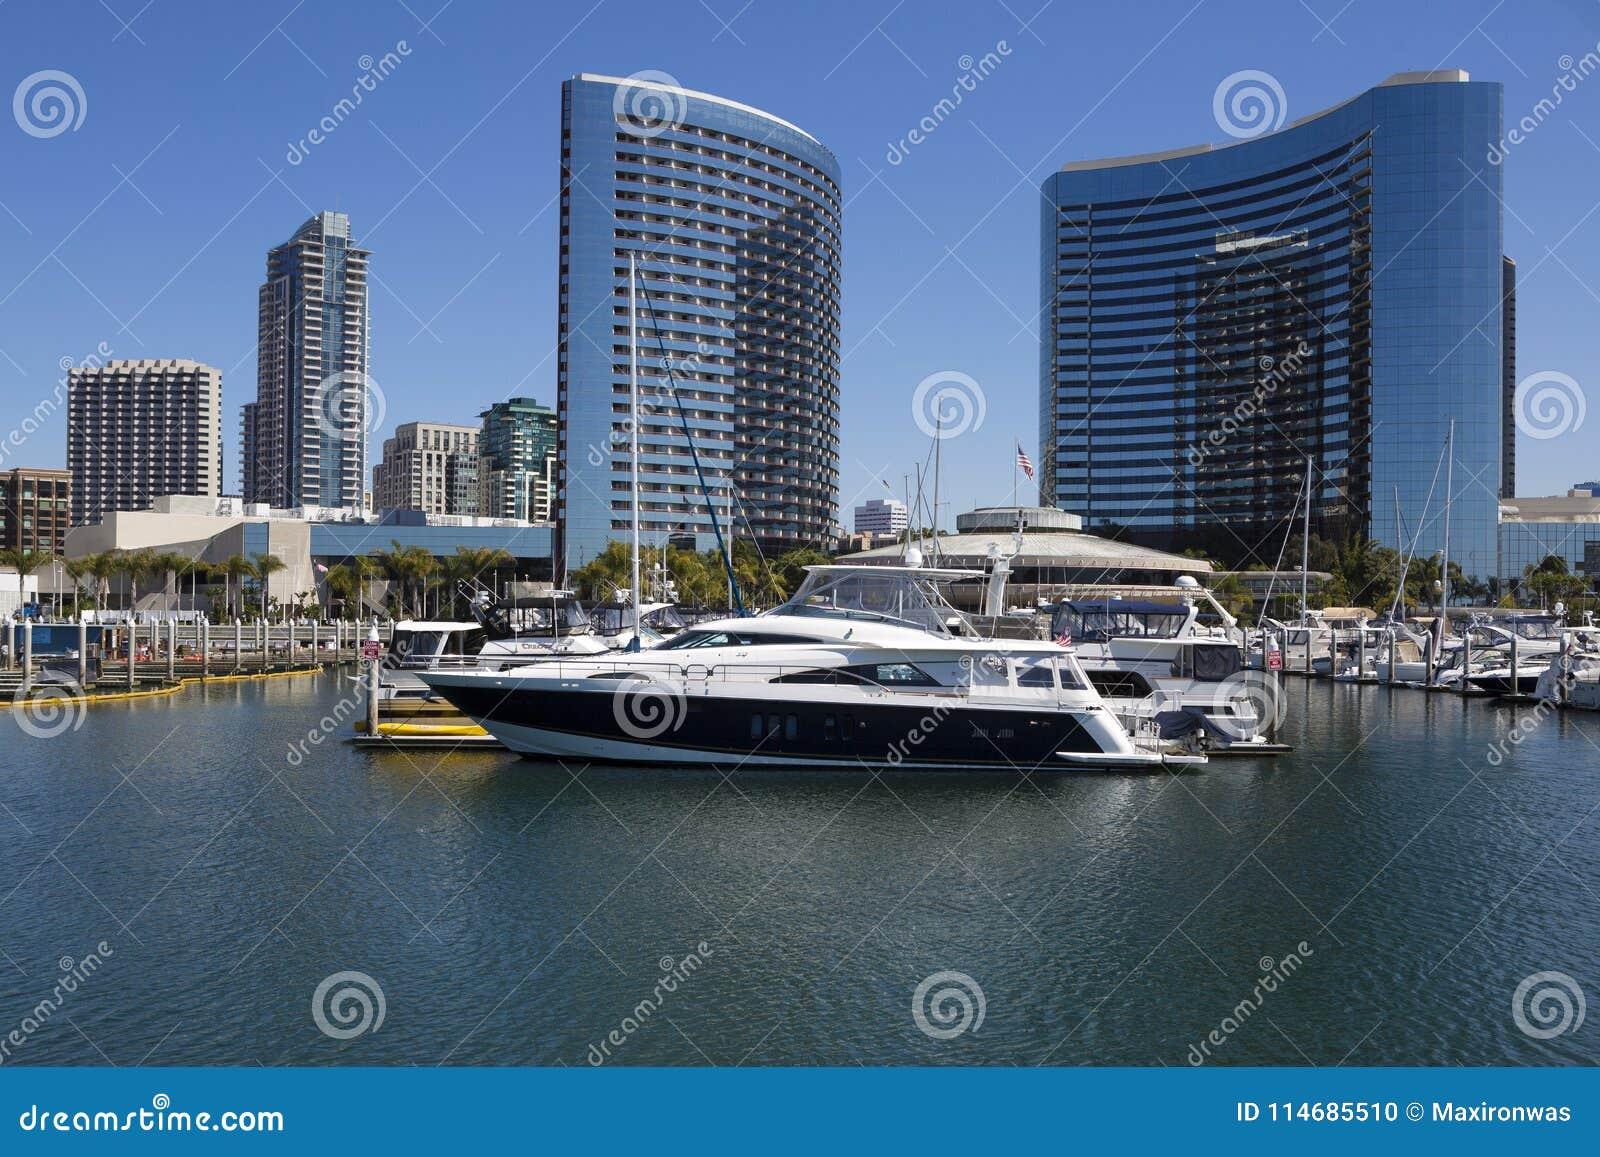 美国-加利福尼亚-圣地亚哥- embarcadero小游艇船坞公园和万豪候爵